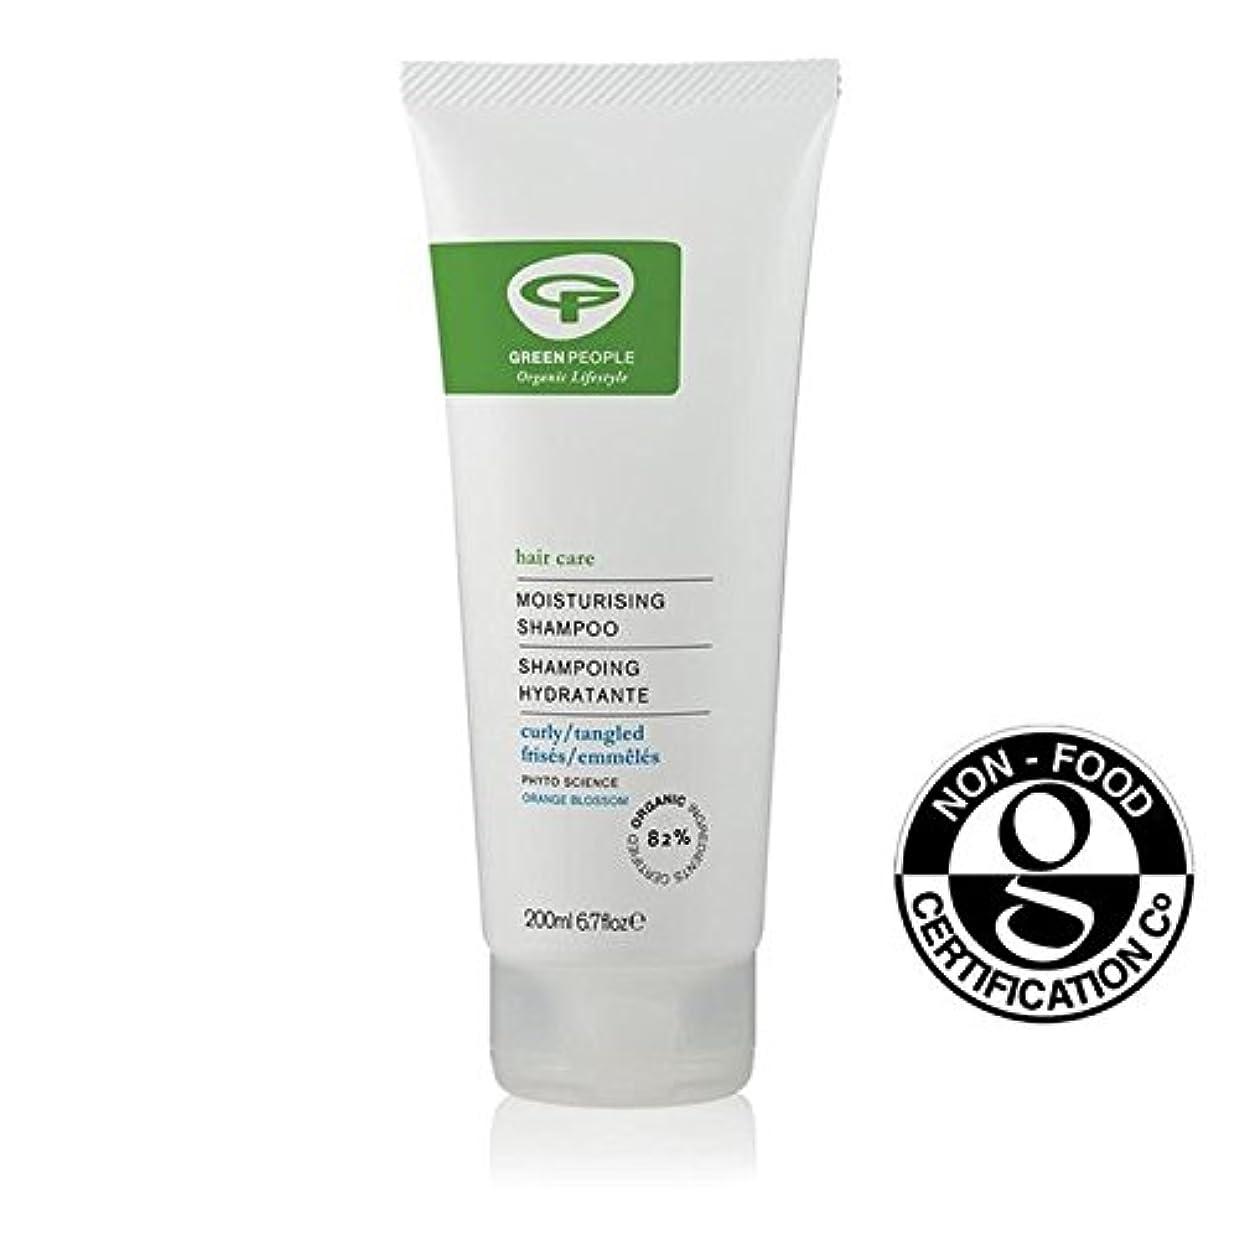 誠実影響を受けやすいです波Green People Organic Moisturising Shampoo 200ml (Pack of 6) - 緑の人々の有機保湿シャンプー200ミリリットル x6 [並行輸入品]